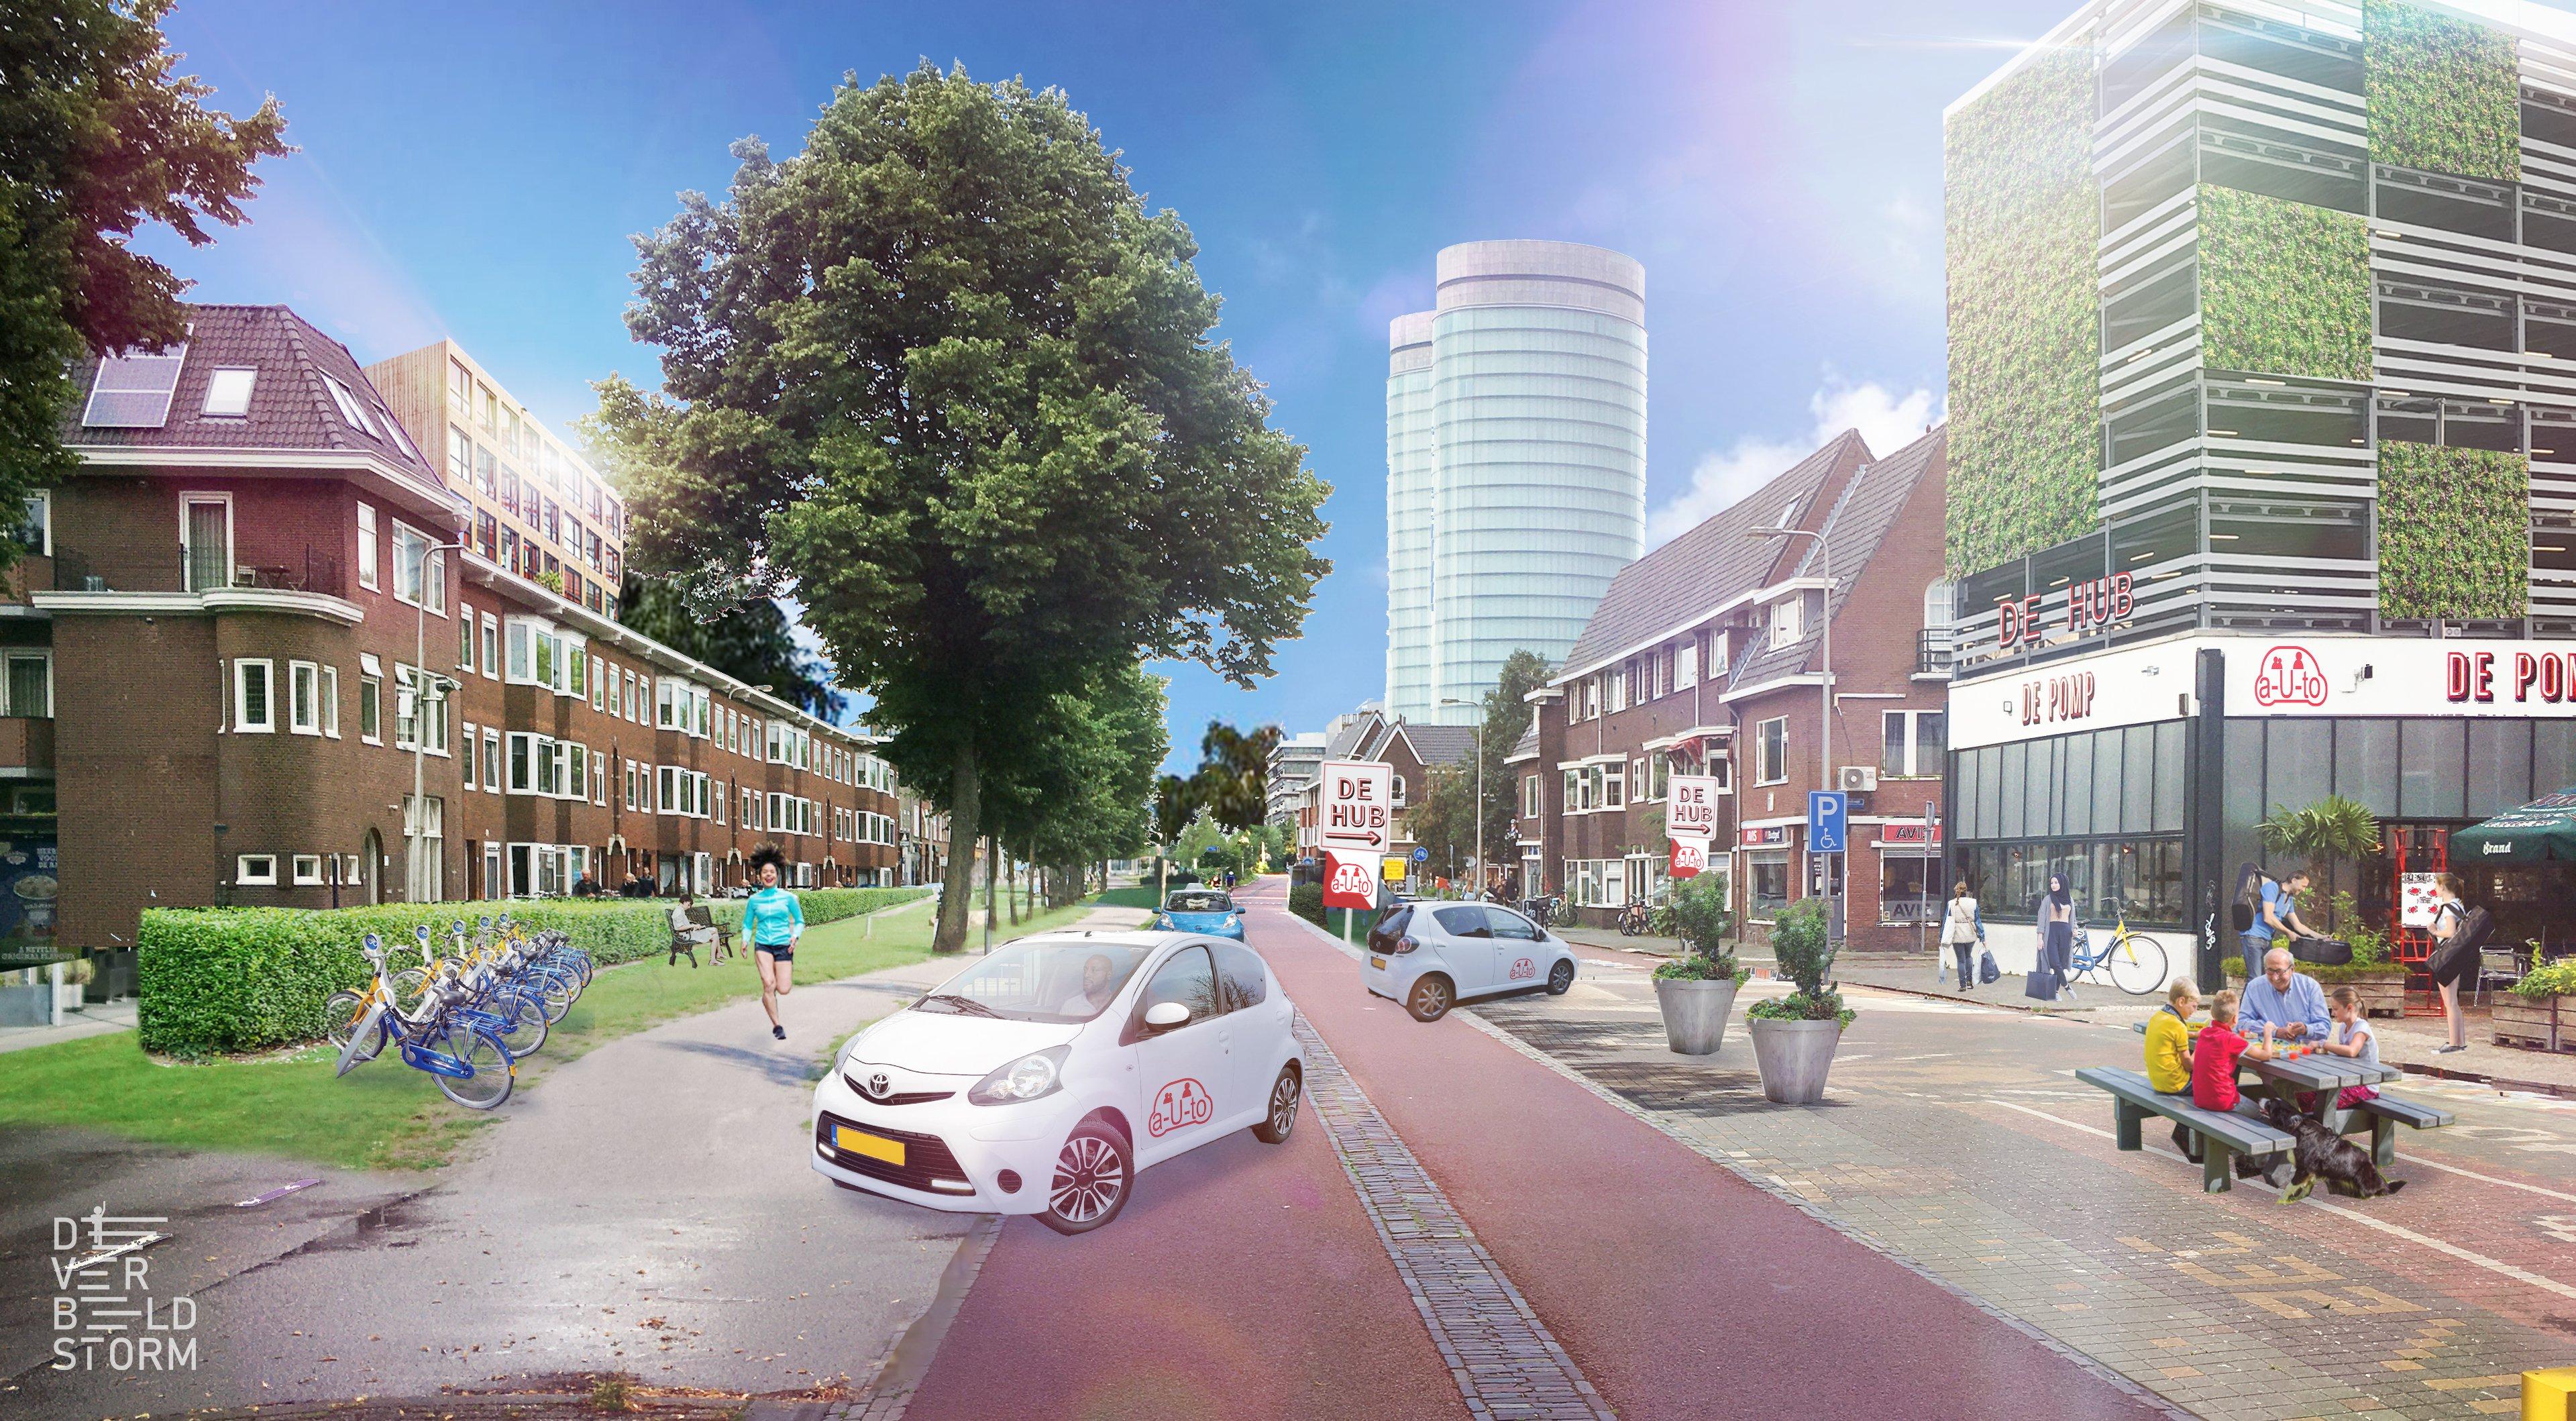 200822 Scenario Simple (bedoeld) - de Verbeeldstorm, Universiteit Utrecht 2020